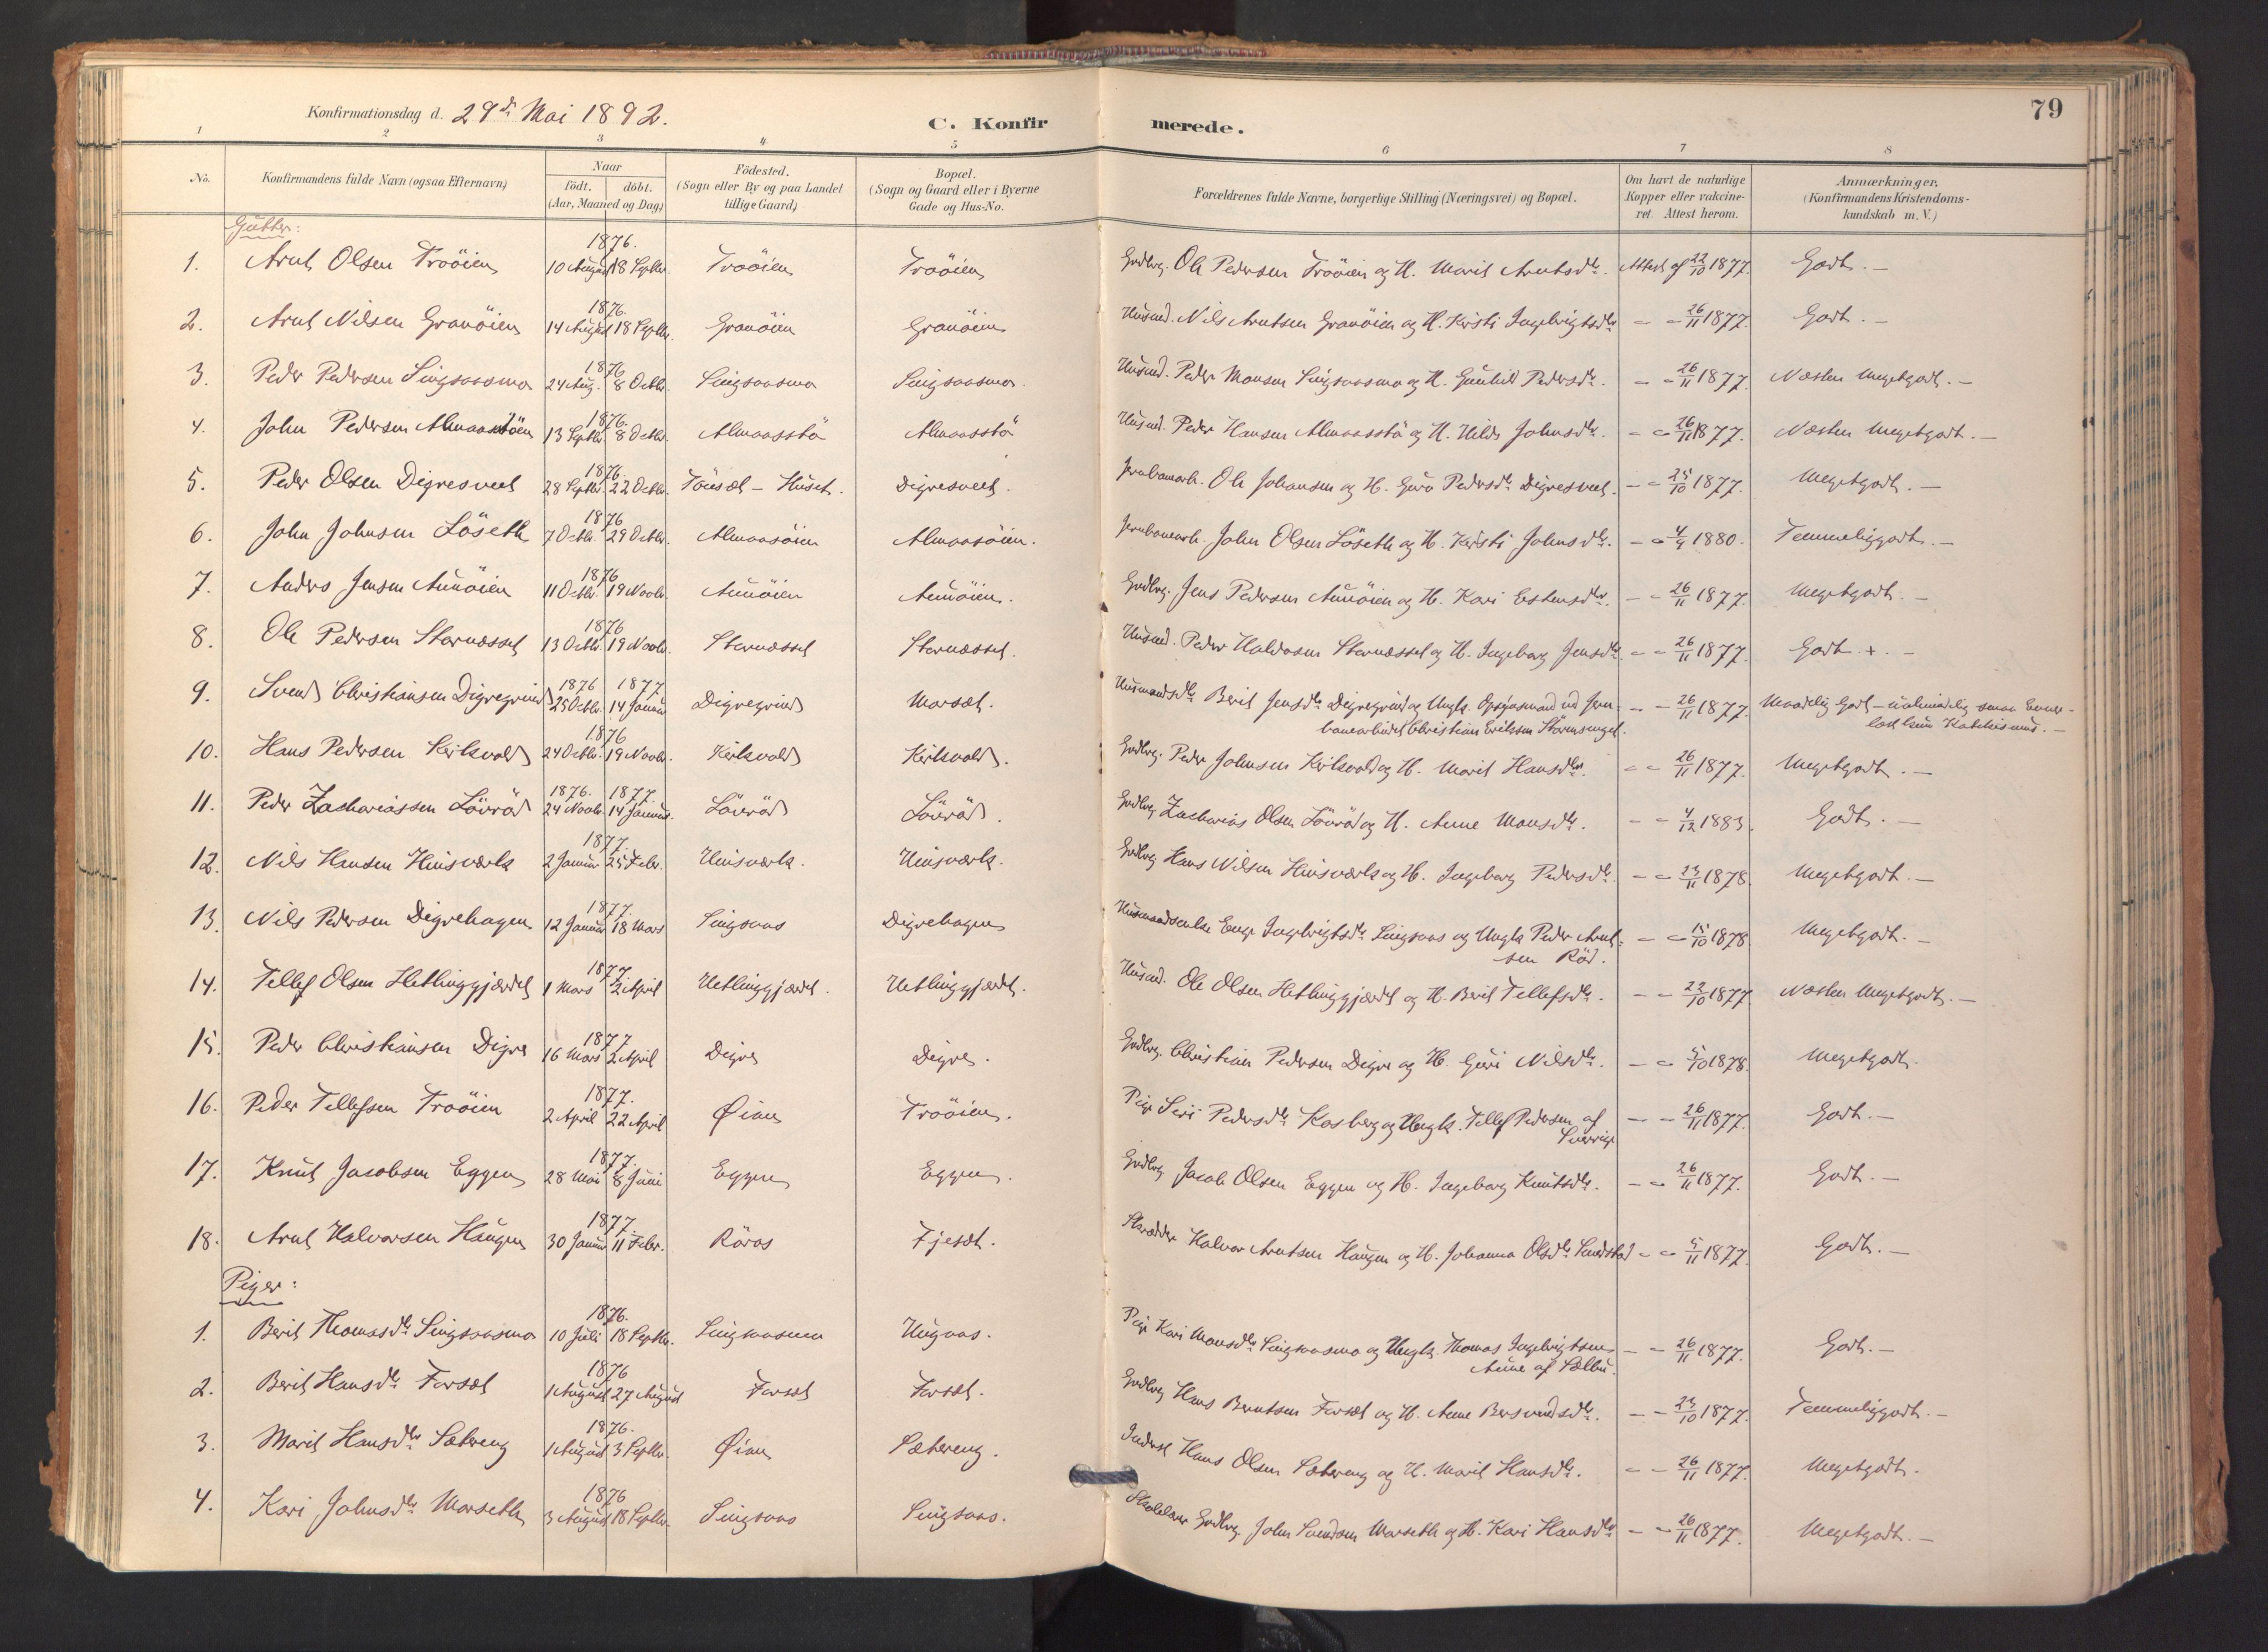 SAT, Ministerialprotokoller, klokkerbøker og fødselsregistre - Sør-Trøndelag, 688/L1025: Ministerialbok nr. 688A02, 1891-1909, s. 79